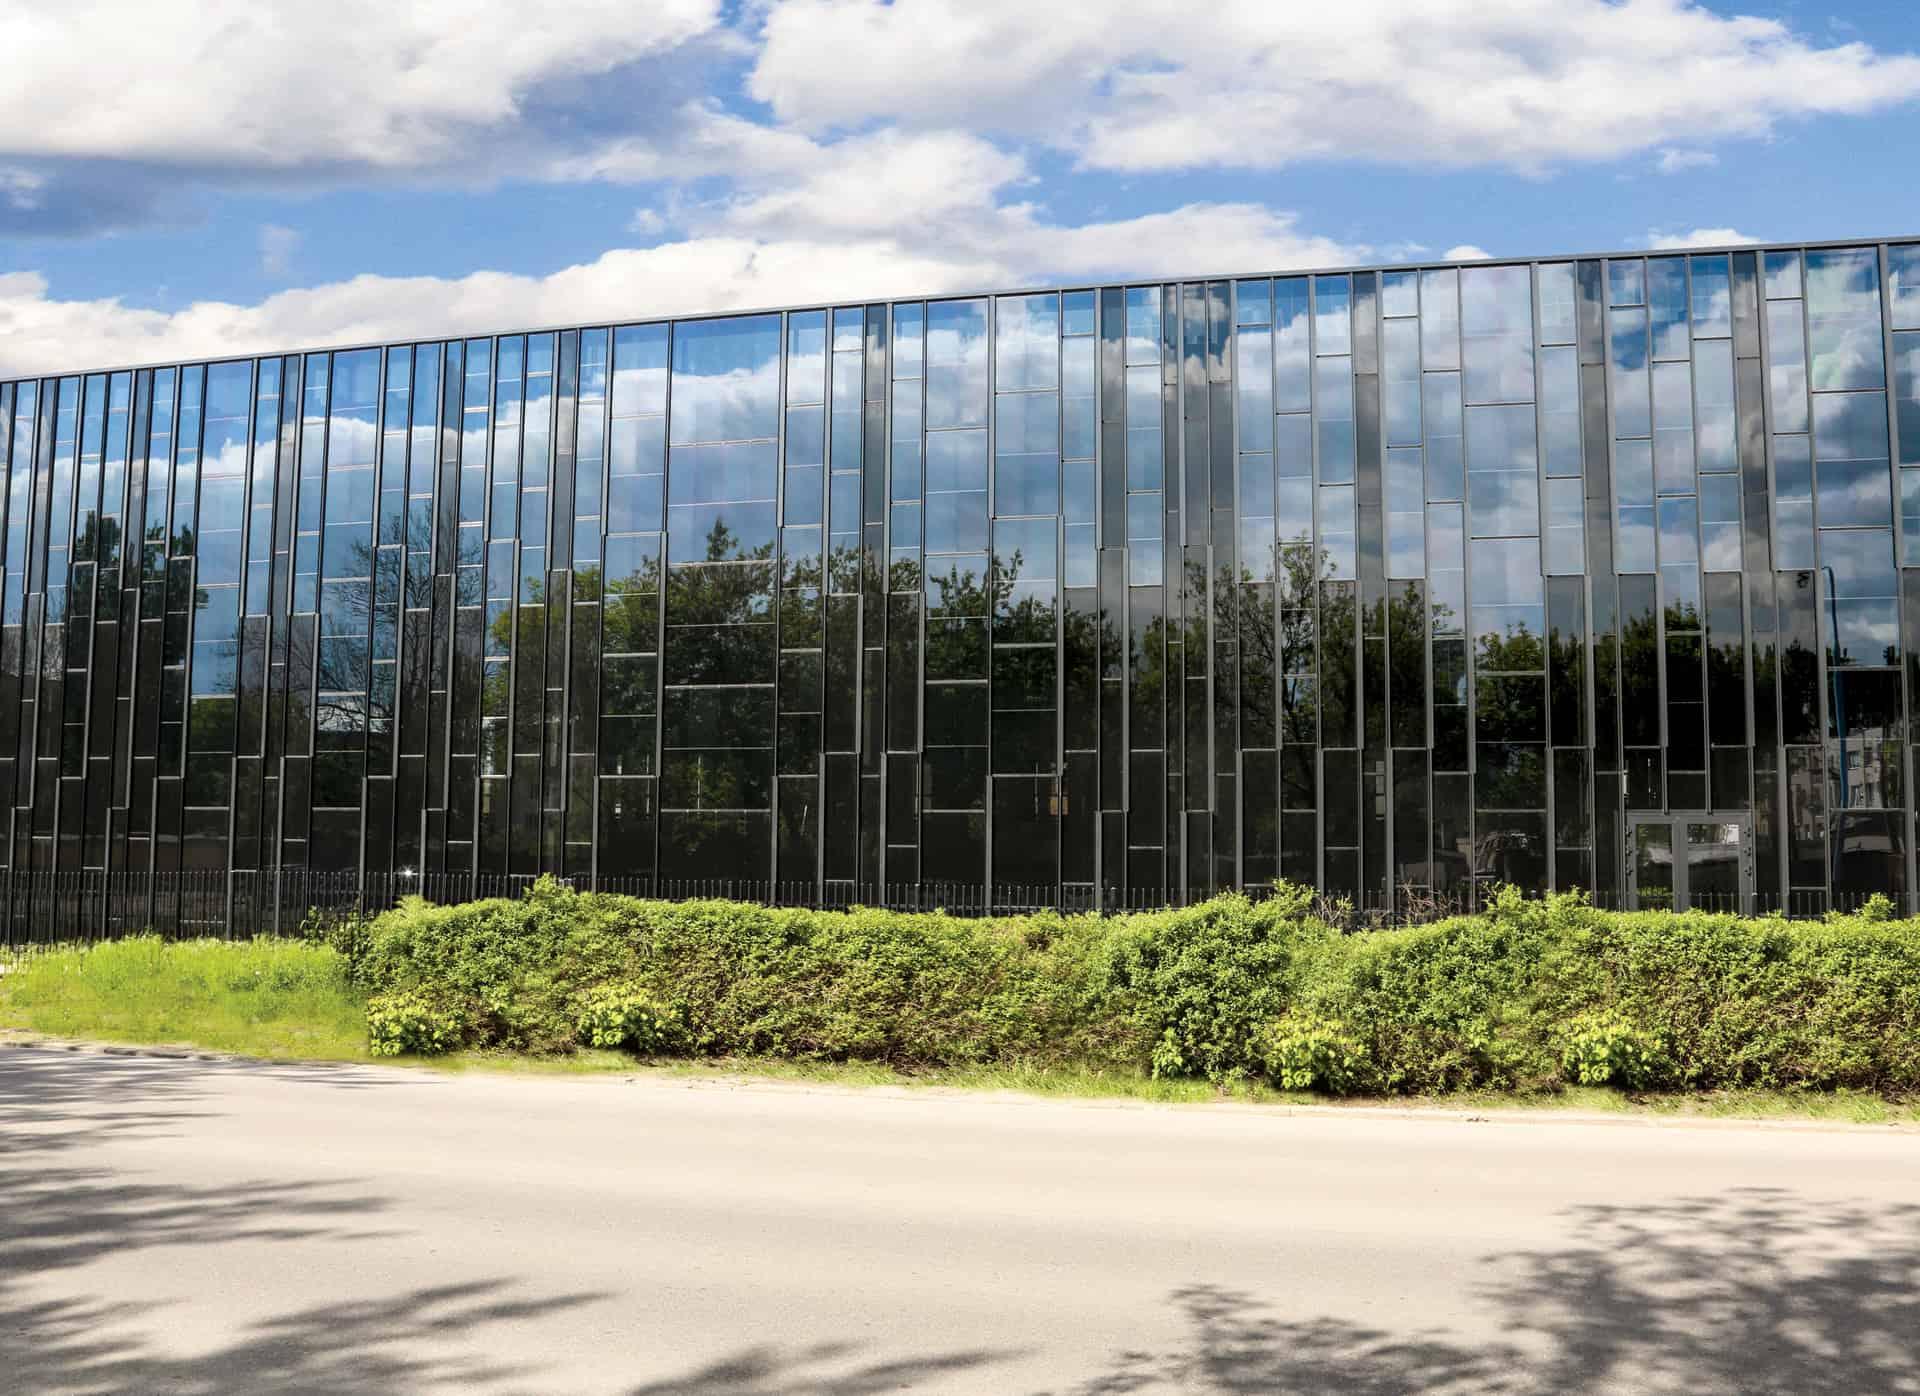 Warsaw / Medical University of Warsaw